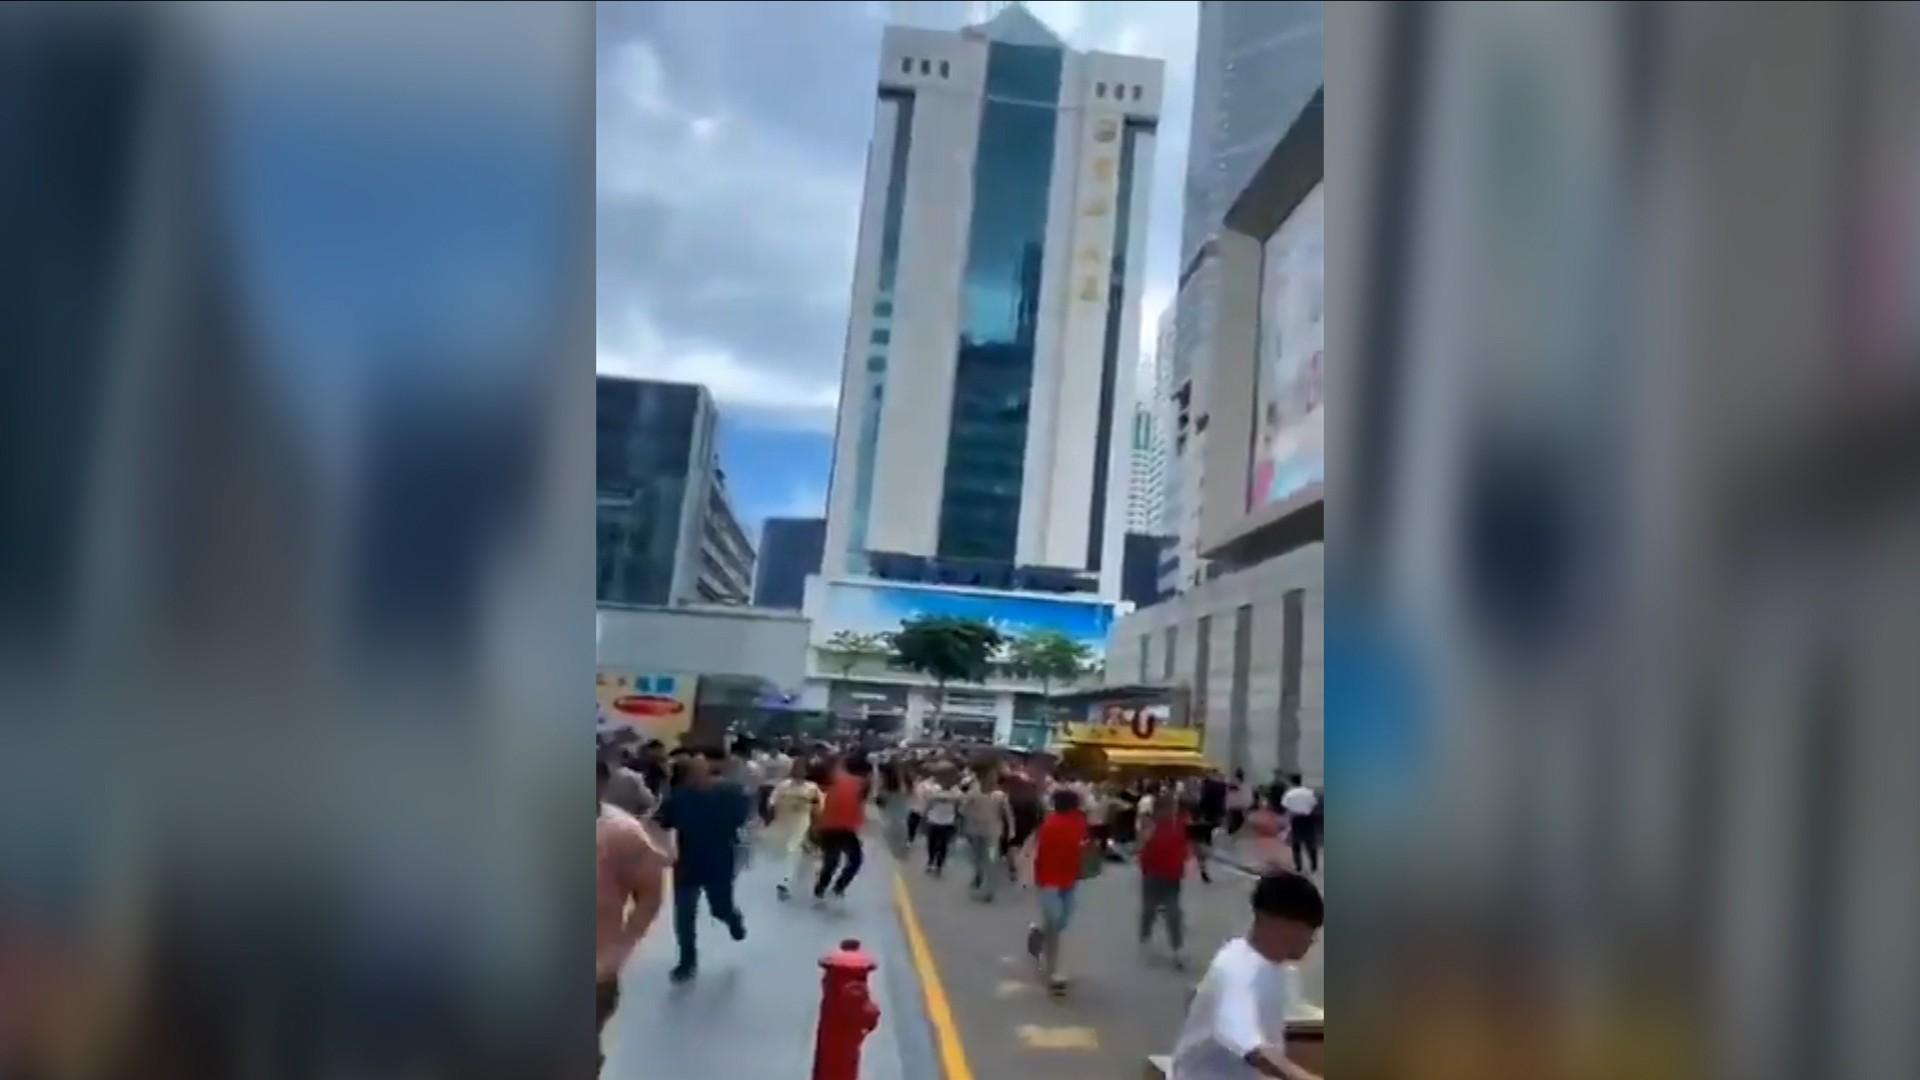 Panică în Shenzhen după ce un zgârie-nori de 300 de metri a început să se clatine din senin, fără a fi cutremur